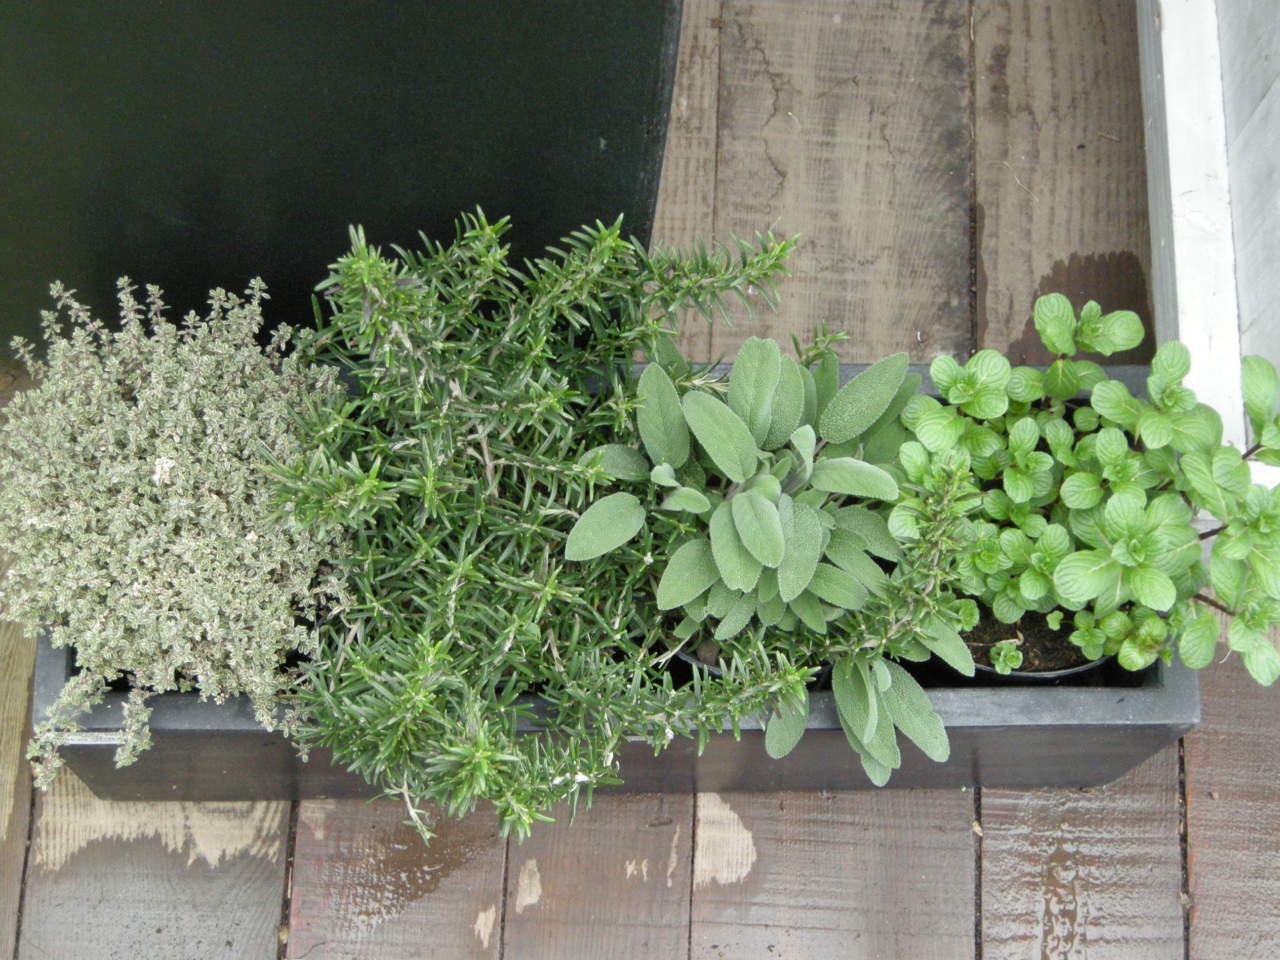 Coltivare In Casa Piante Aromatiche orto sul balcone: come, dove, cosa coltivare - passione in verde